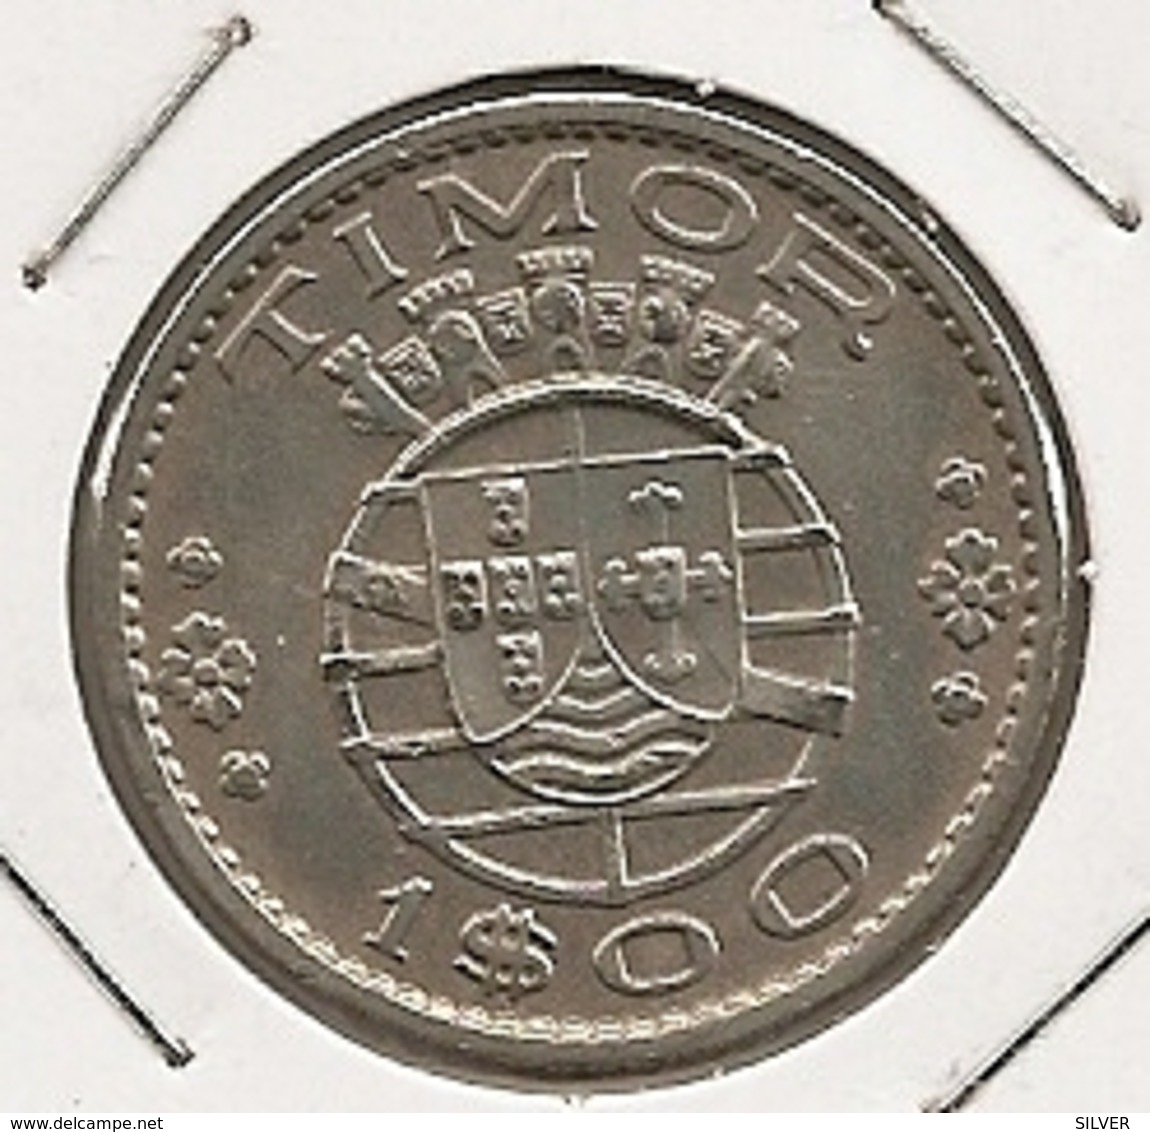 TIMOR 1 ESCUDO 1958 DIFICILLE - Timor